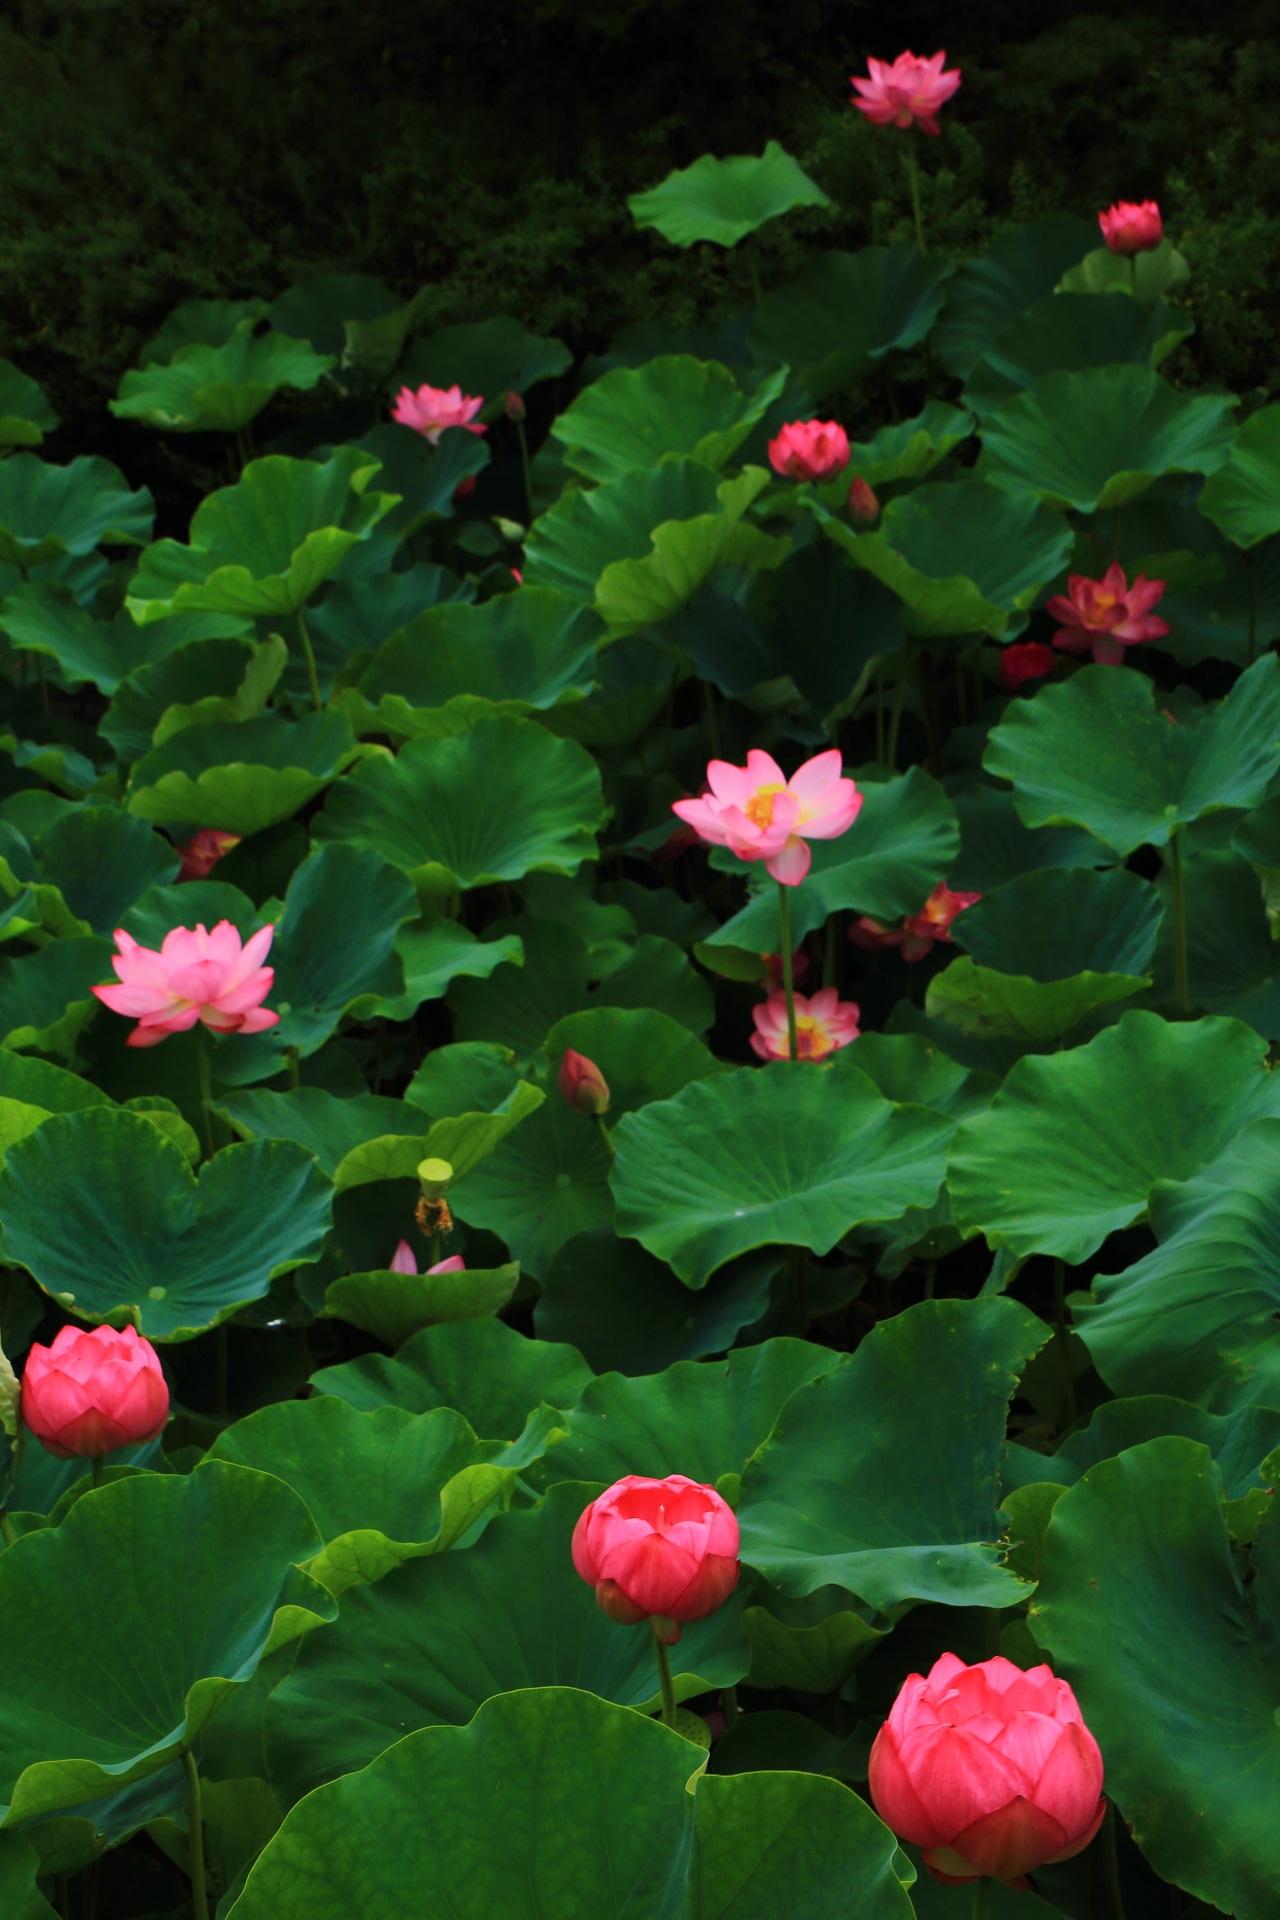 大きな緑の葉が演出する美しい蓮の花